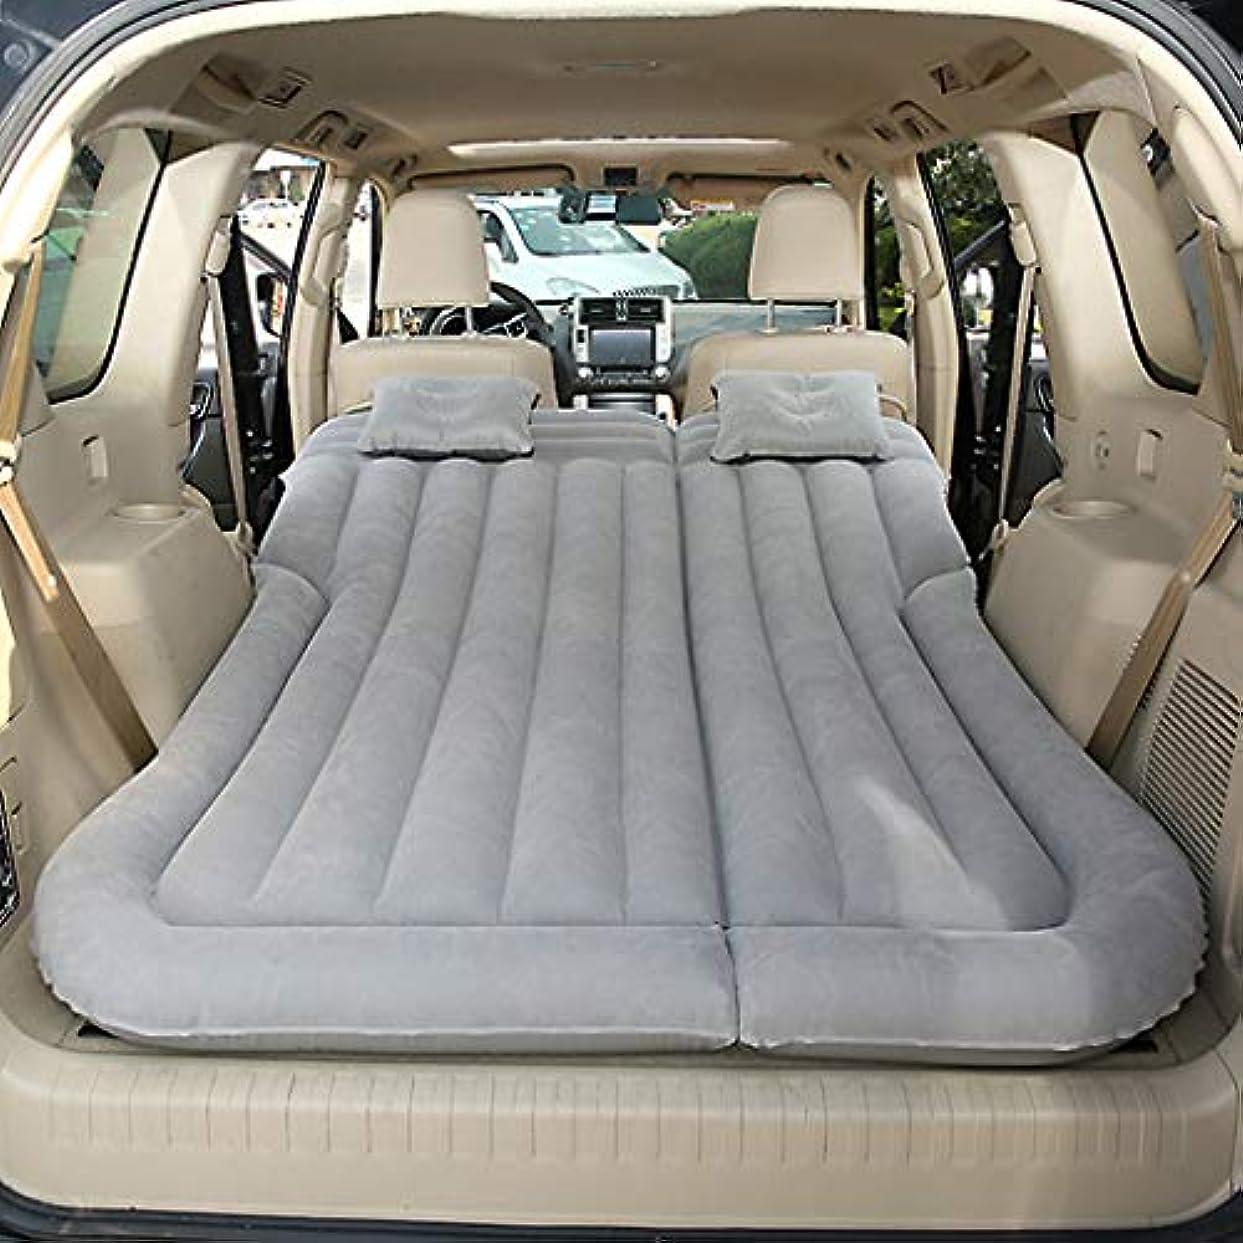 場合疾患メロディアスエアーベッドダブルサイズ SUVの膨脹可能なベッド車の女王 - セダンおよびトラックの後部座席旅行キャンプのための携帯用自動エアベッド、175×130×15cm (色 : Gray)